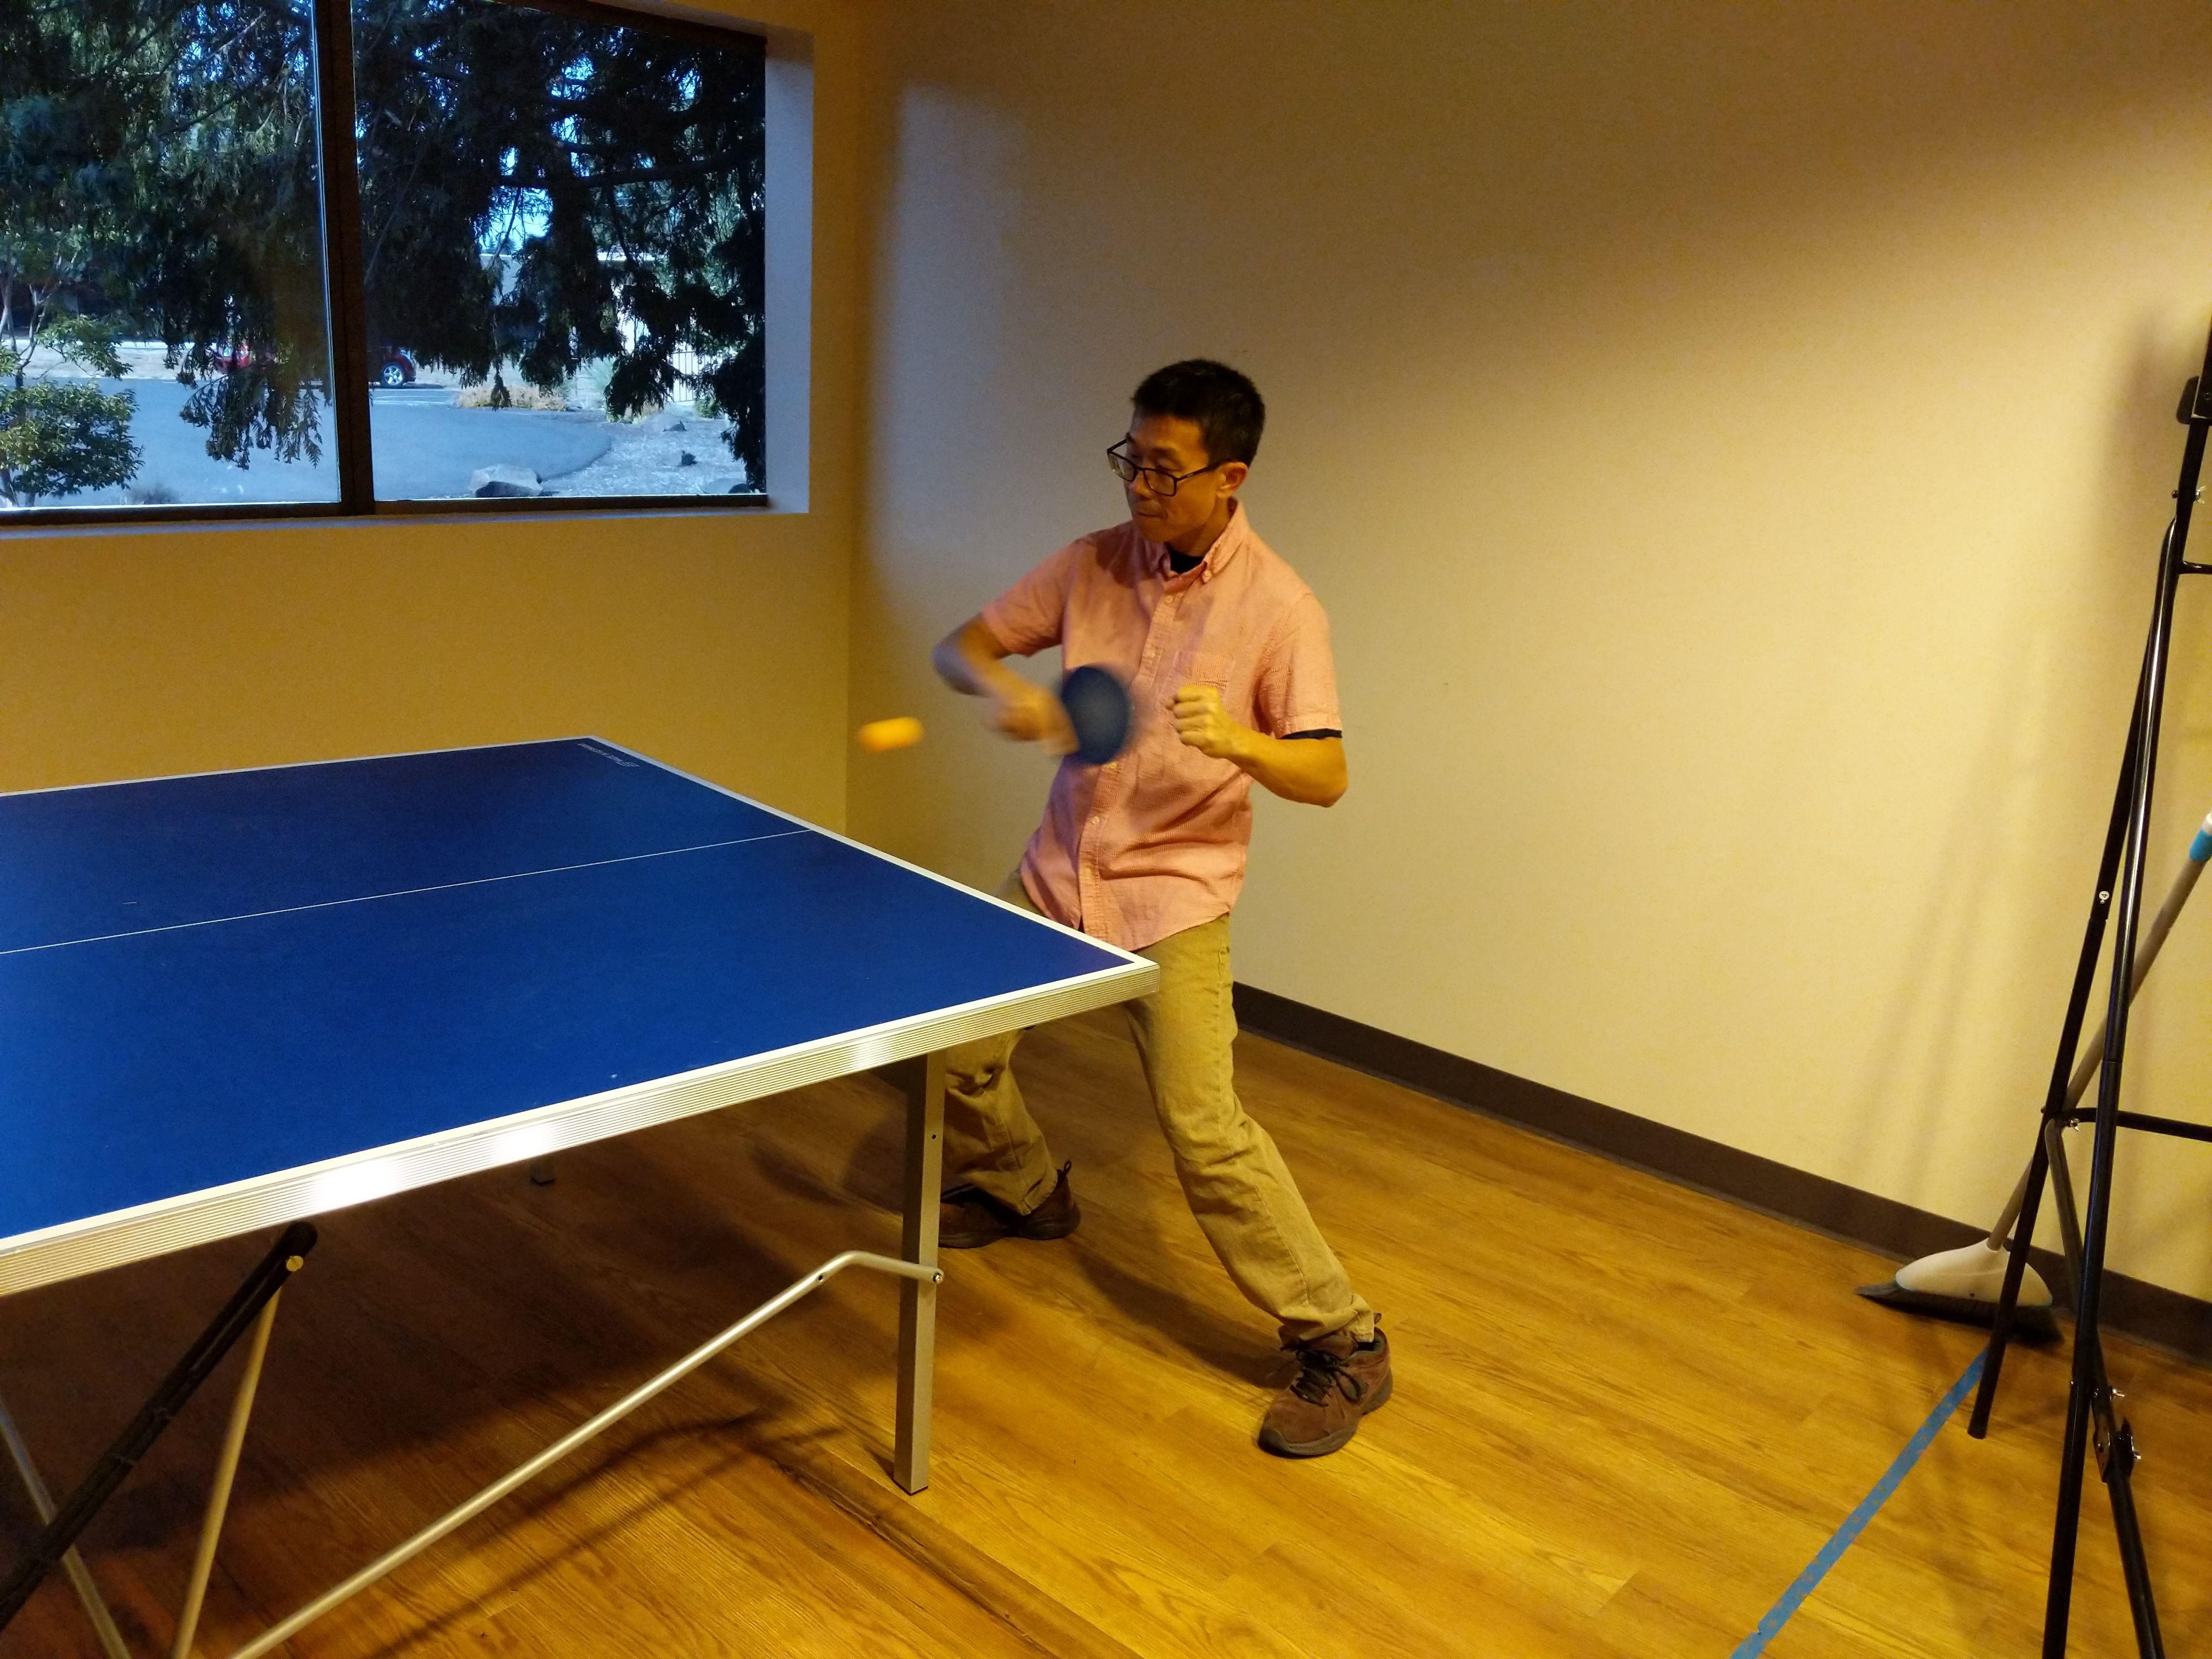 Meetup For Ping Pong And Pingpong Robot Meetup